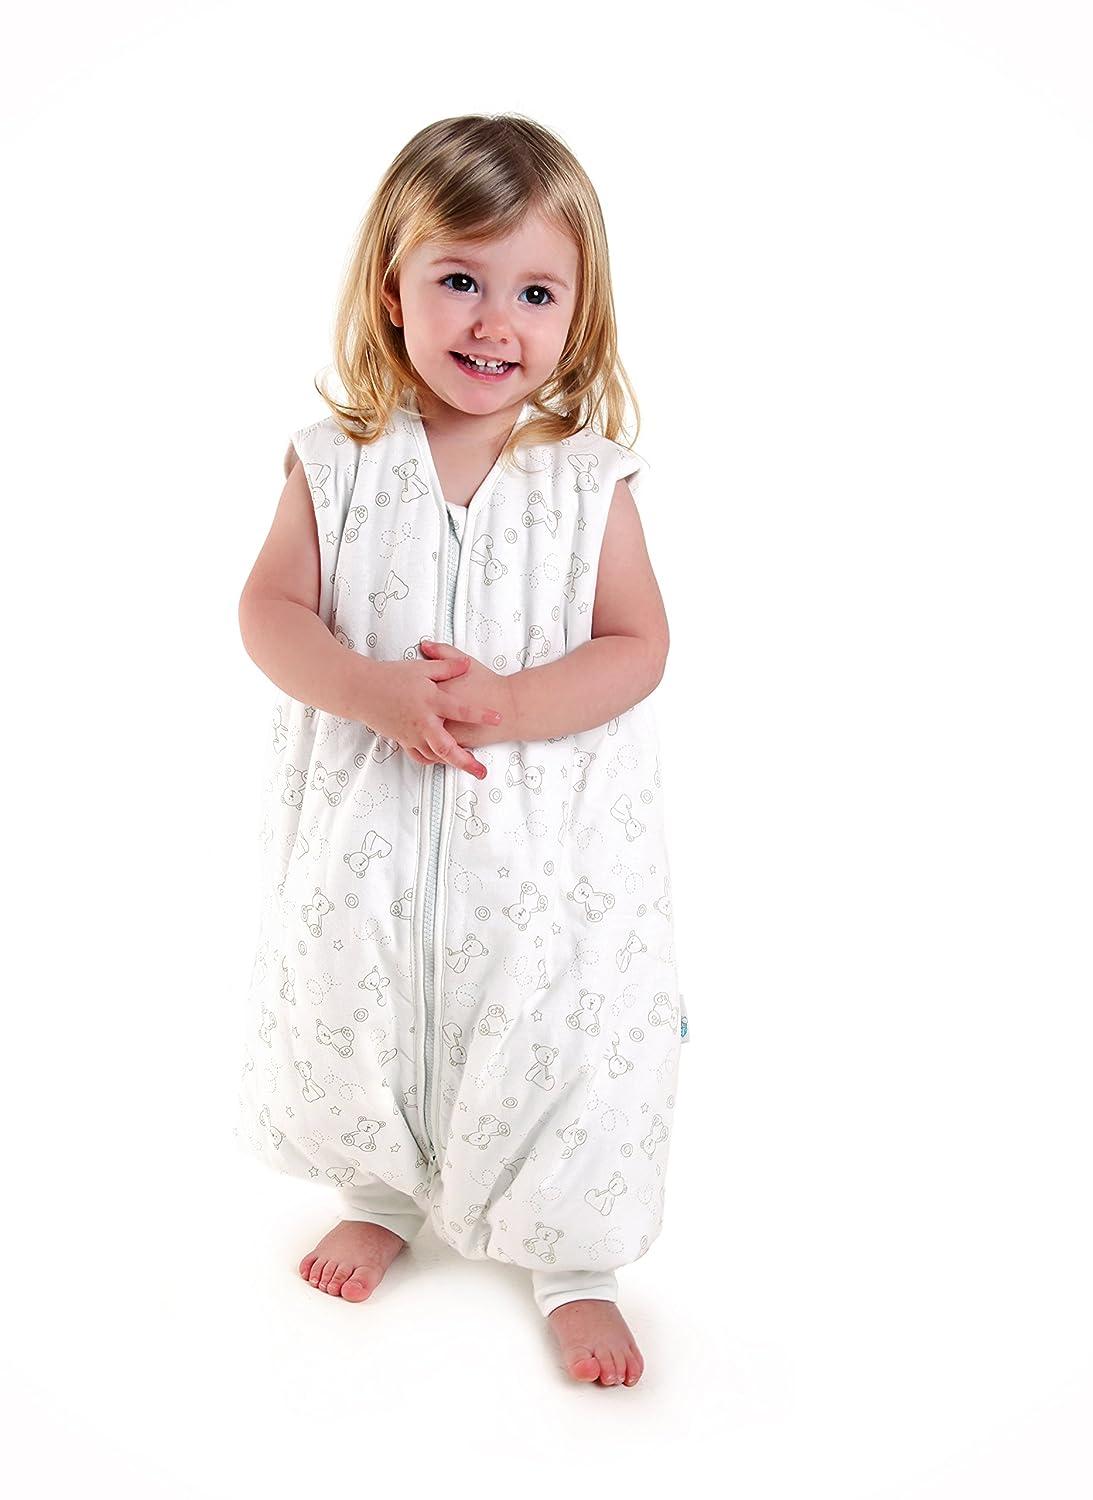 Saco de Dormir con Pies para Niño Slumbersac aprox. 2.5 Tog - Oso- 24-36 meses: Amazon.es: Bebé